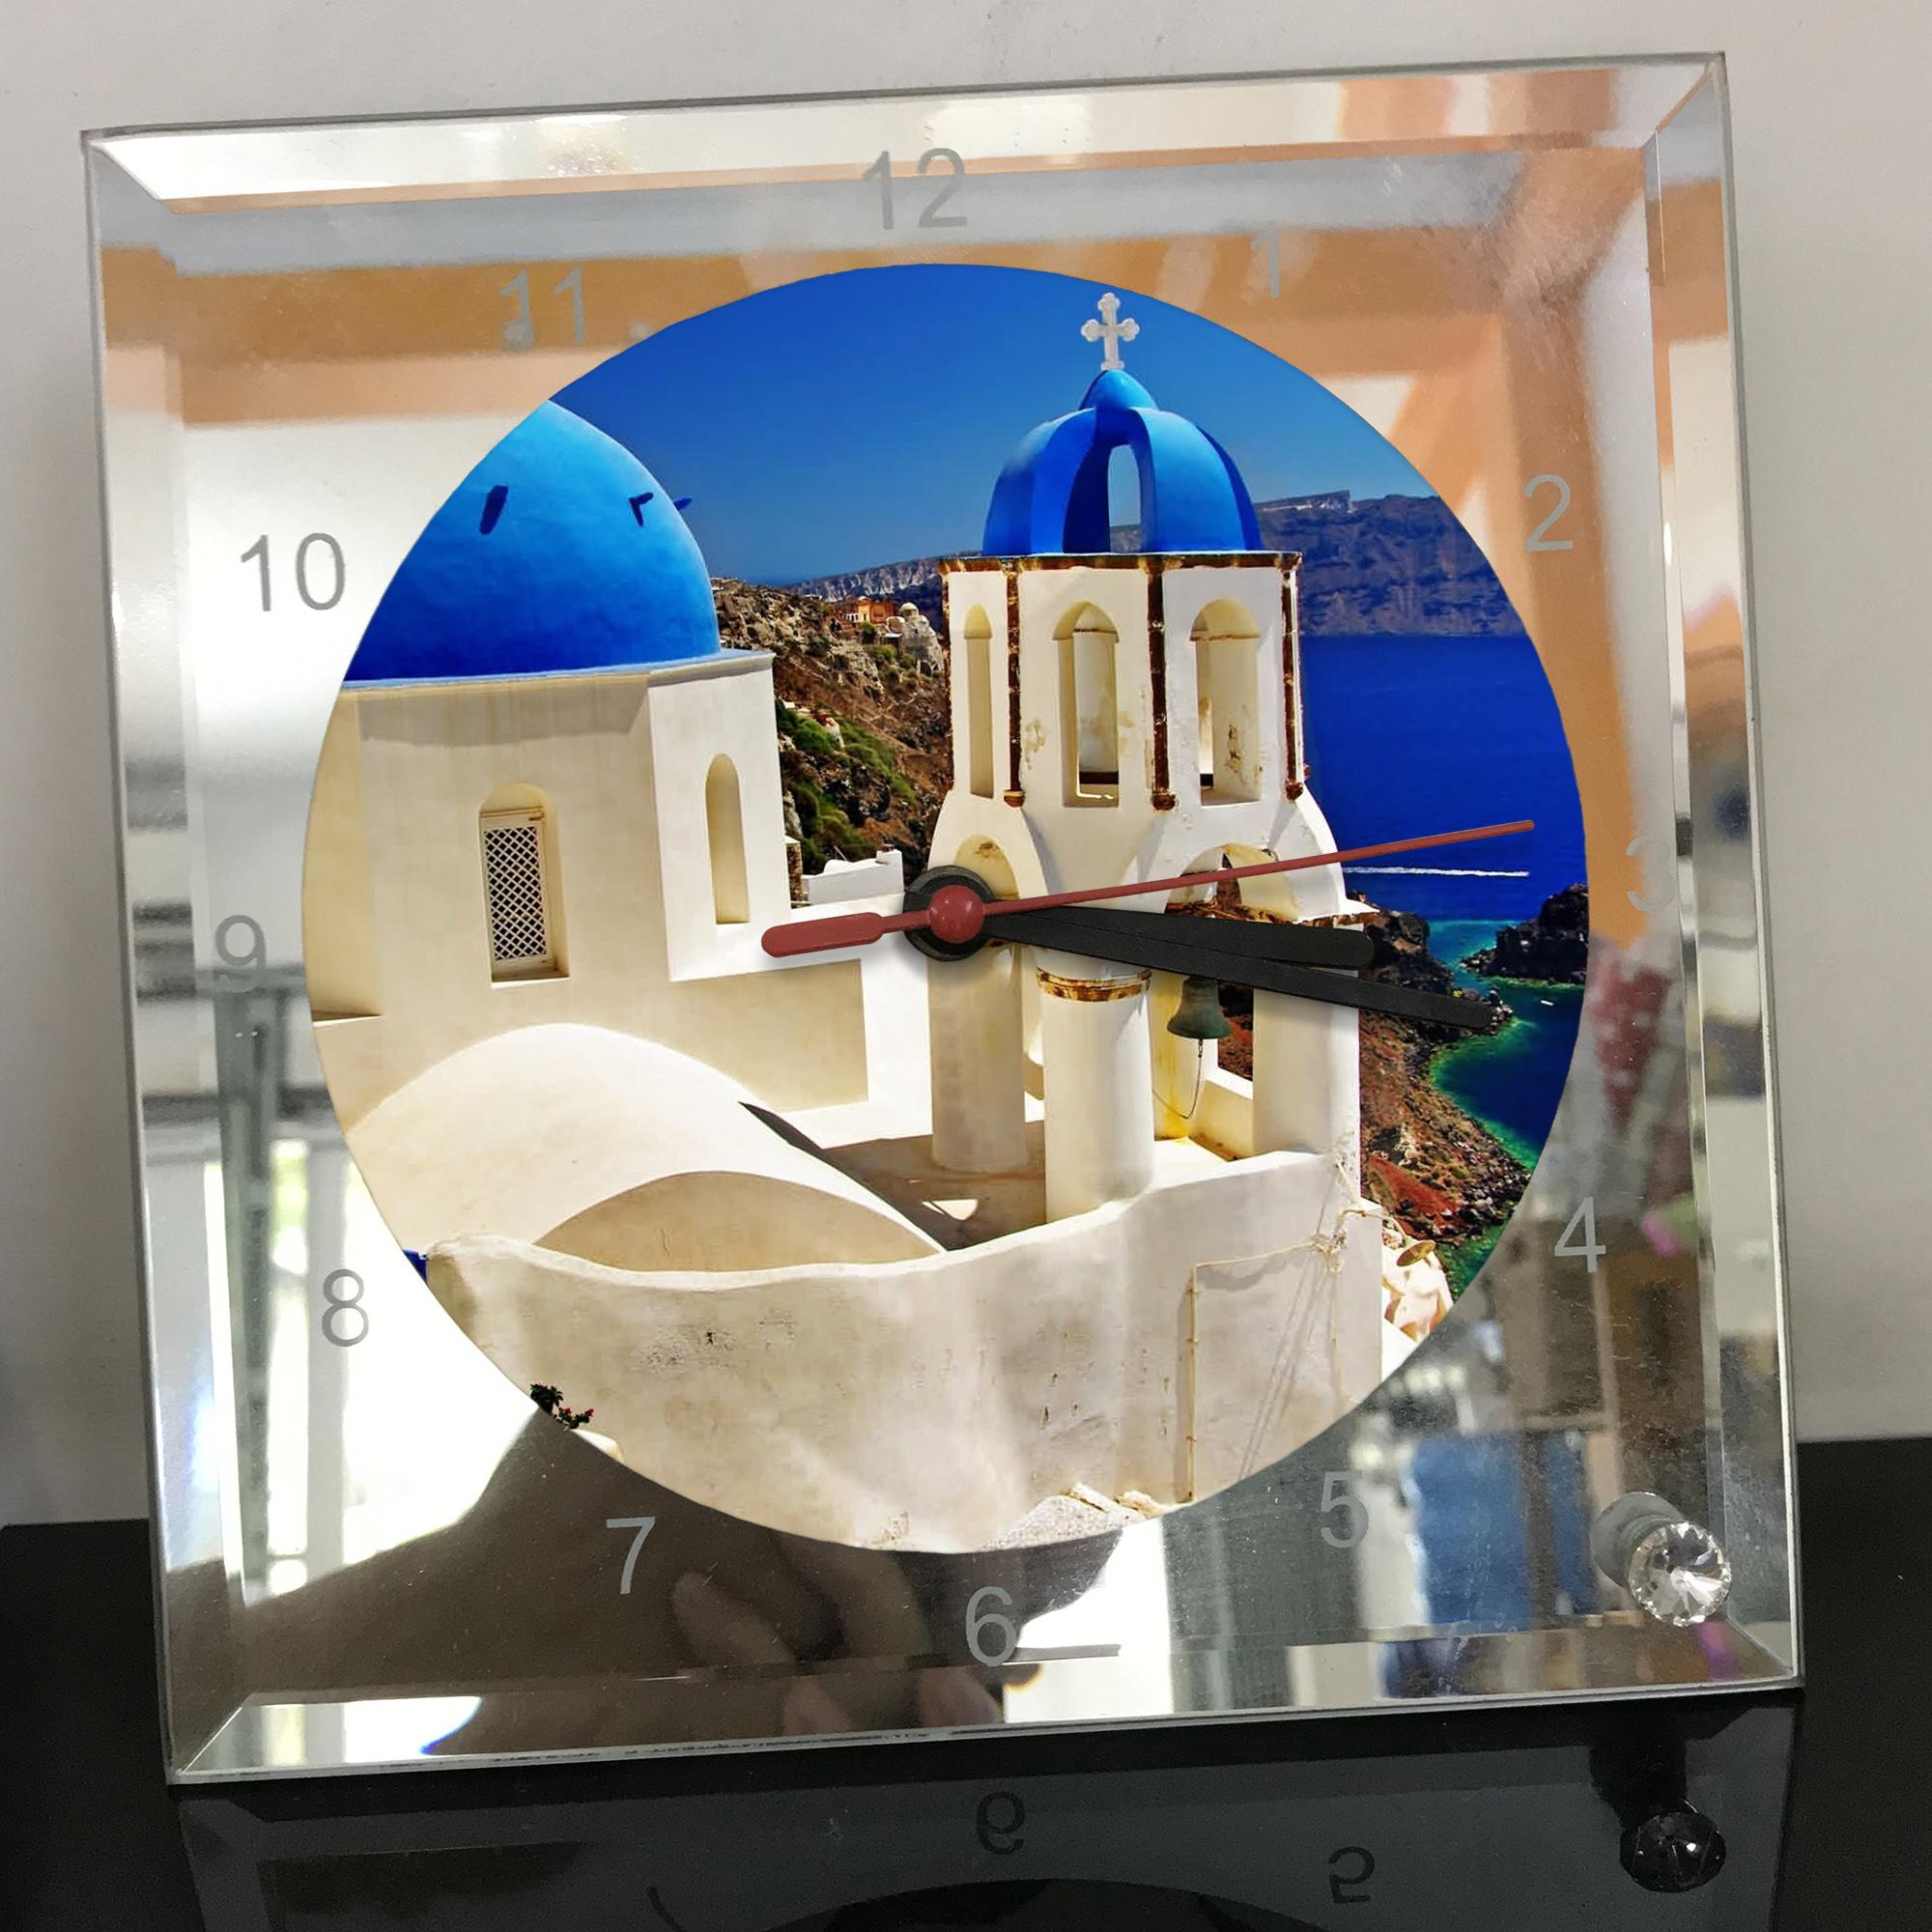 Đồng hồ thủy tinh vuông 20x20 in hình Church - nhà thờ (168) . Đồng hồ thủy tinh để bàn trang trí đẹp chủ đề tôn giáo